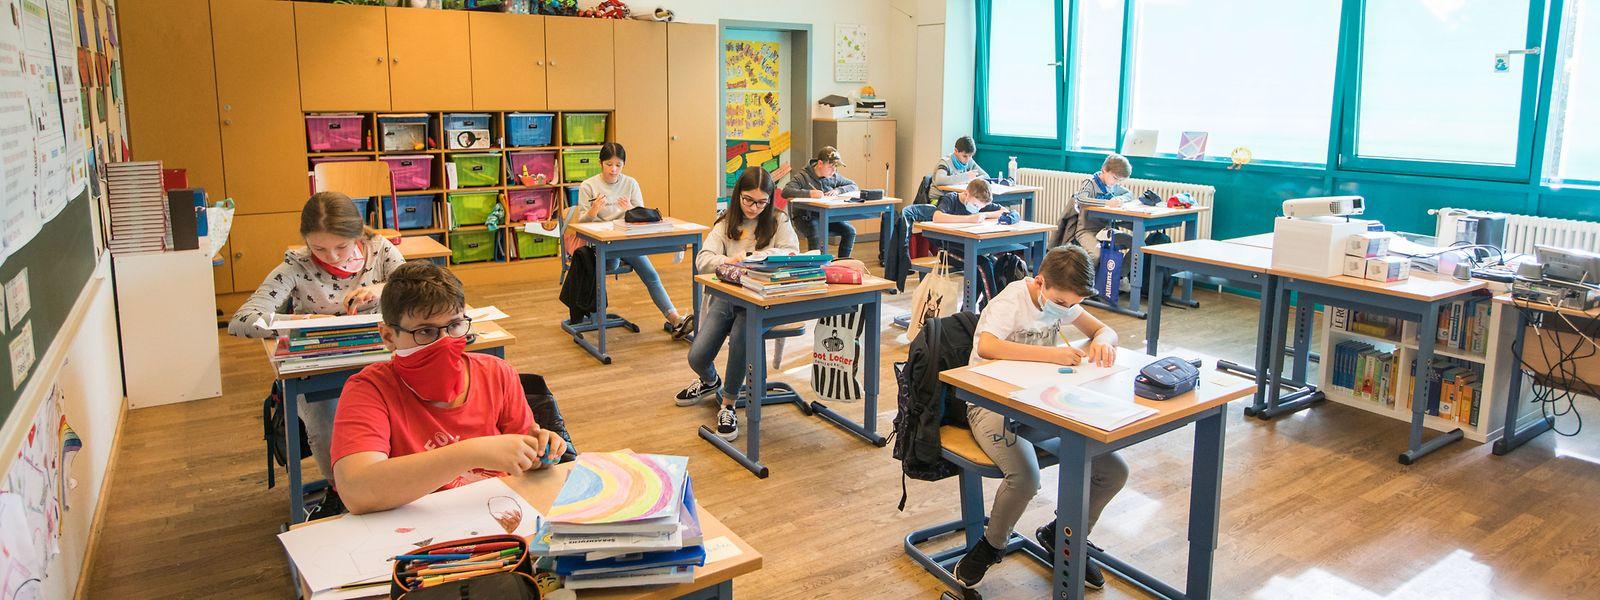 Environ un tiers des écoliers ont demandé à être pris en charge durant les après-midis.